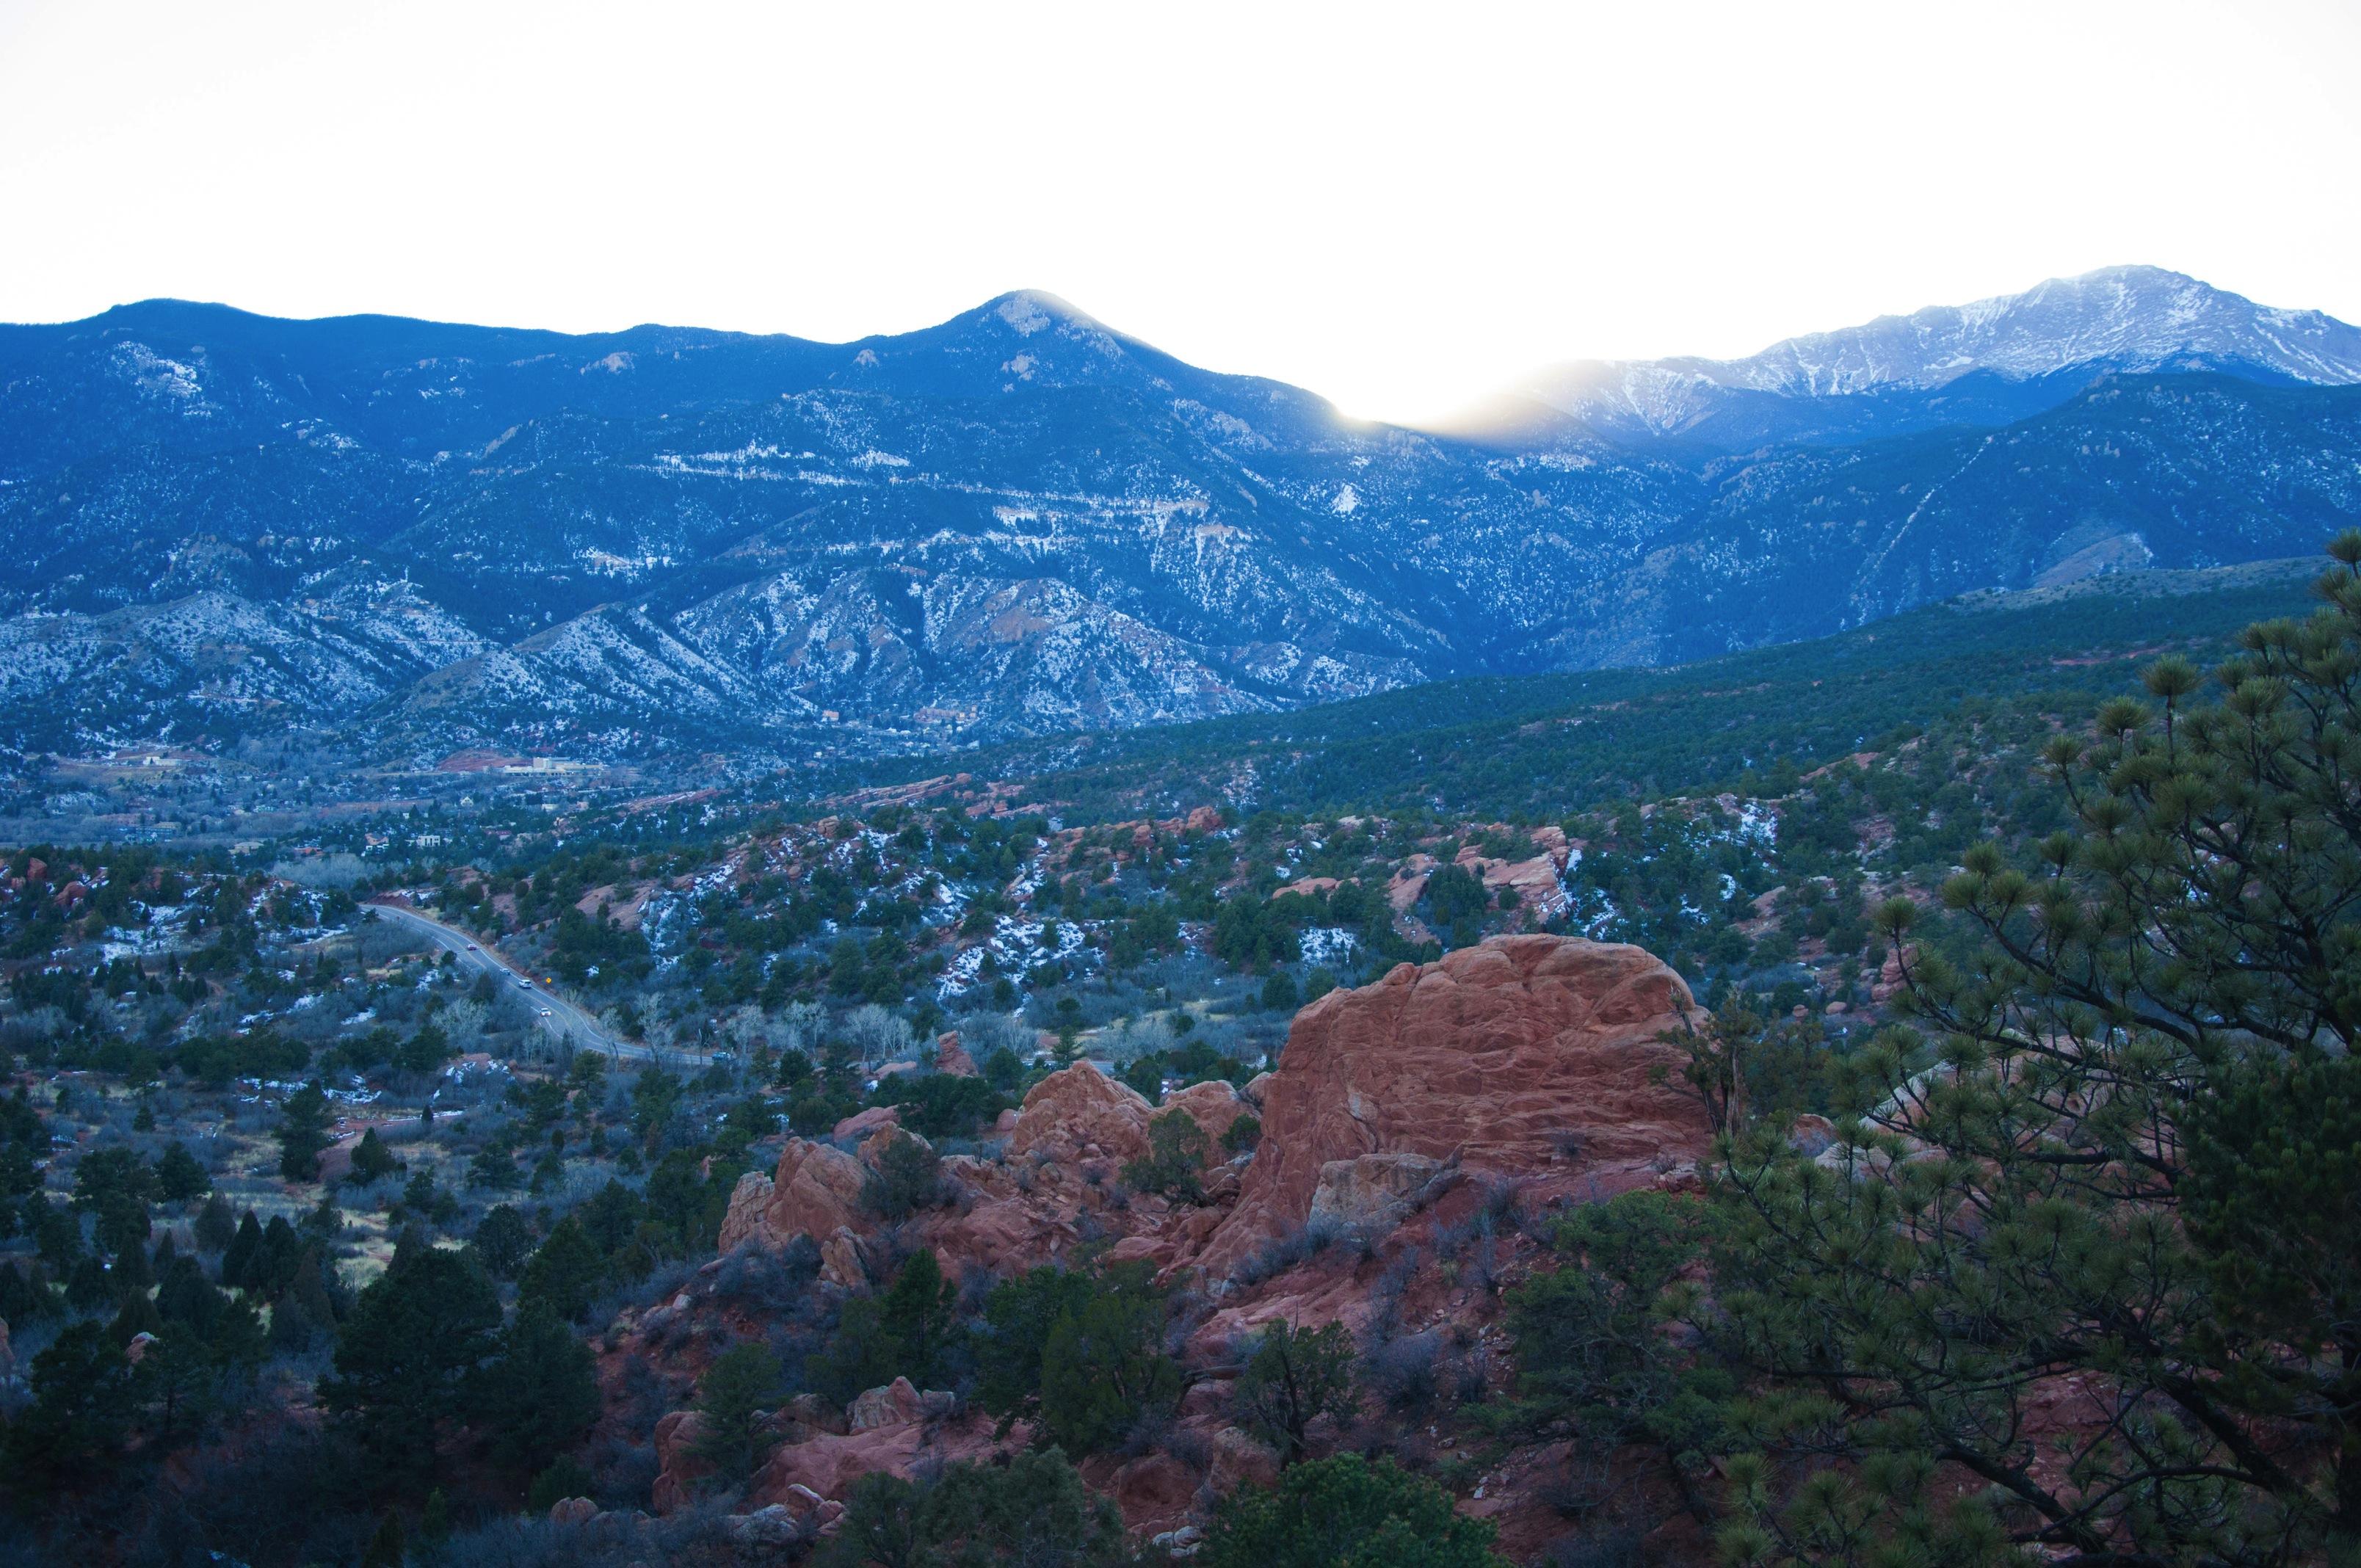 Mountains in Colorado Springs